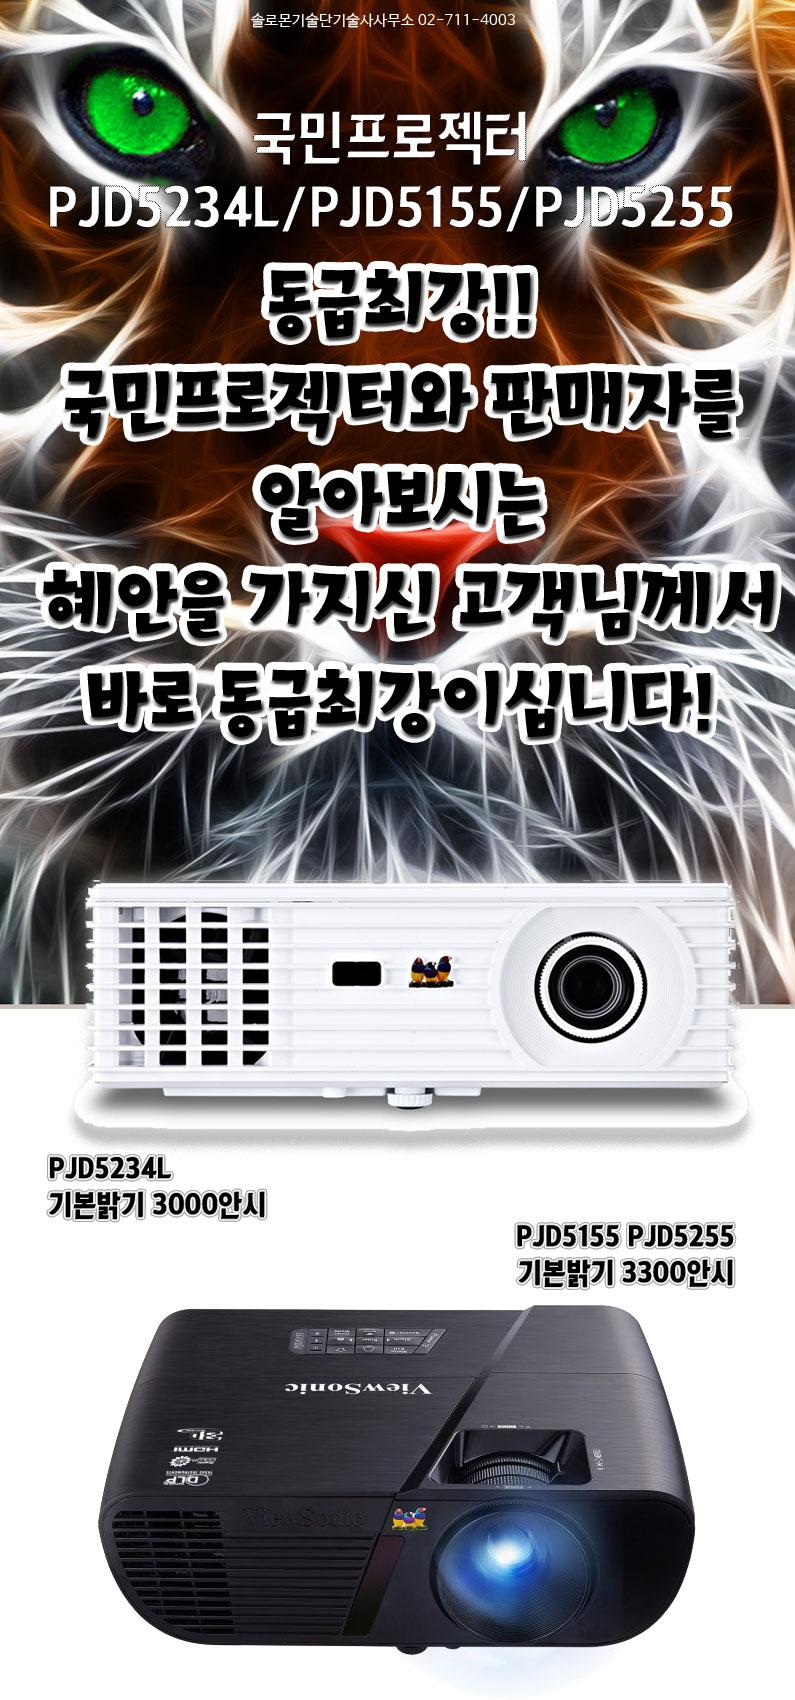 뷰소닉 PJD5234L 구매고객 동급최강